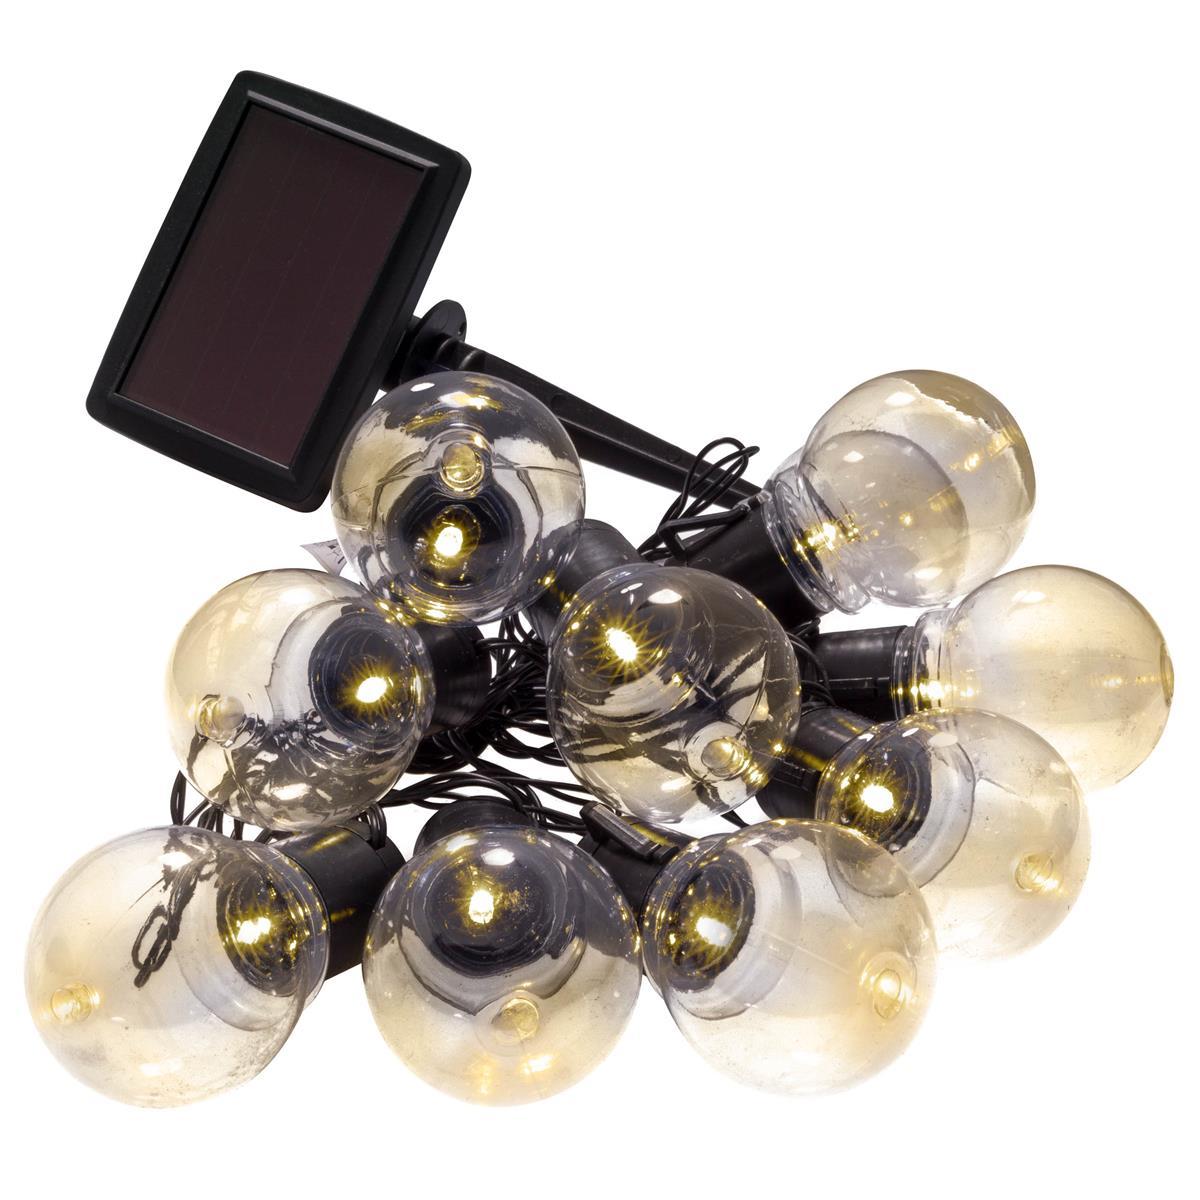 Solar 10 LED Lichterkette Partybeleuchtung Glühbirnen 4,5cm warmweiß Blinken